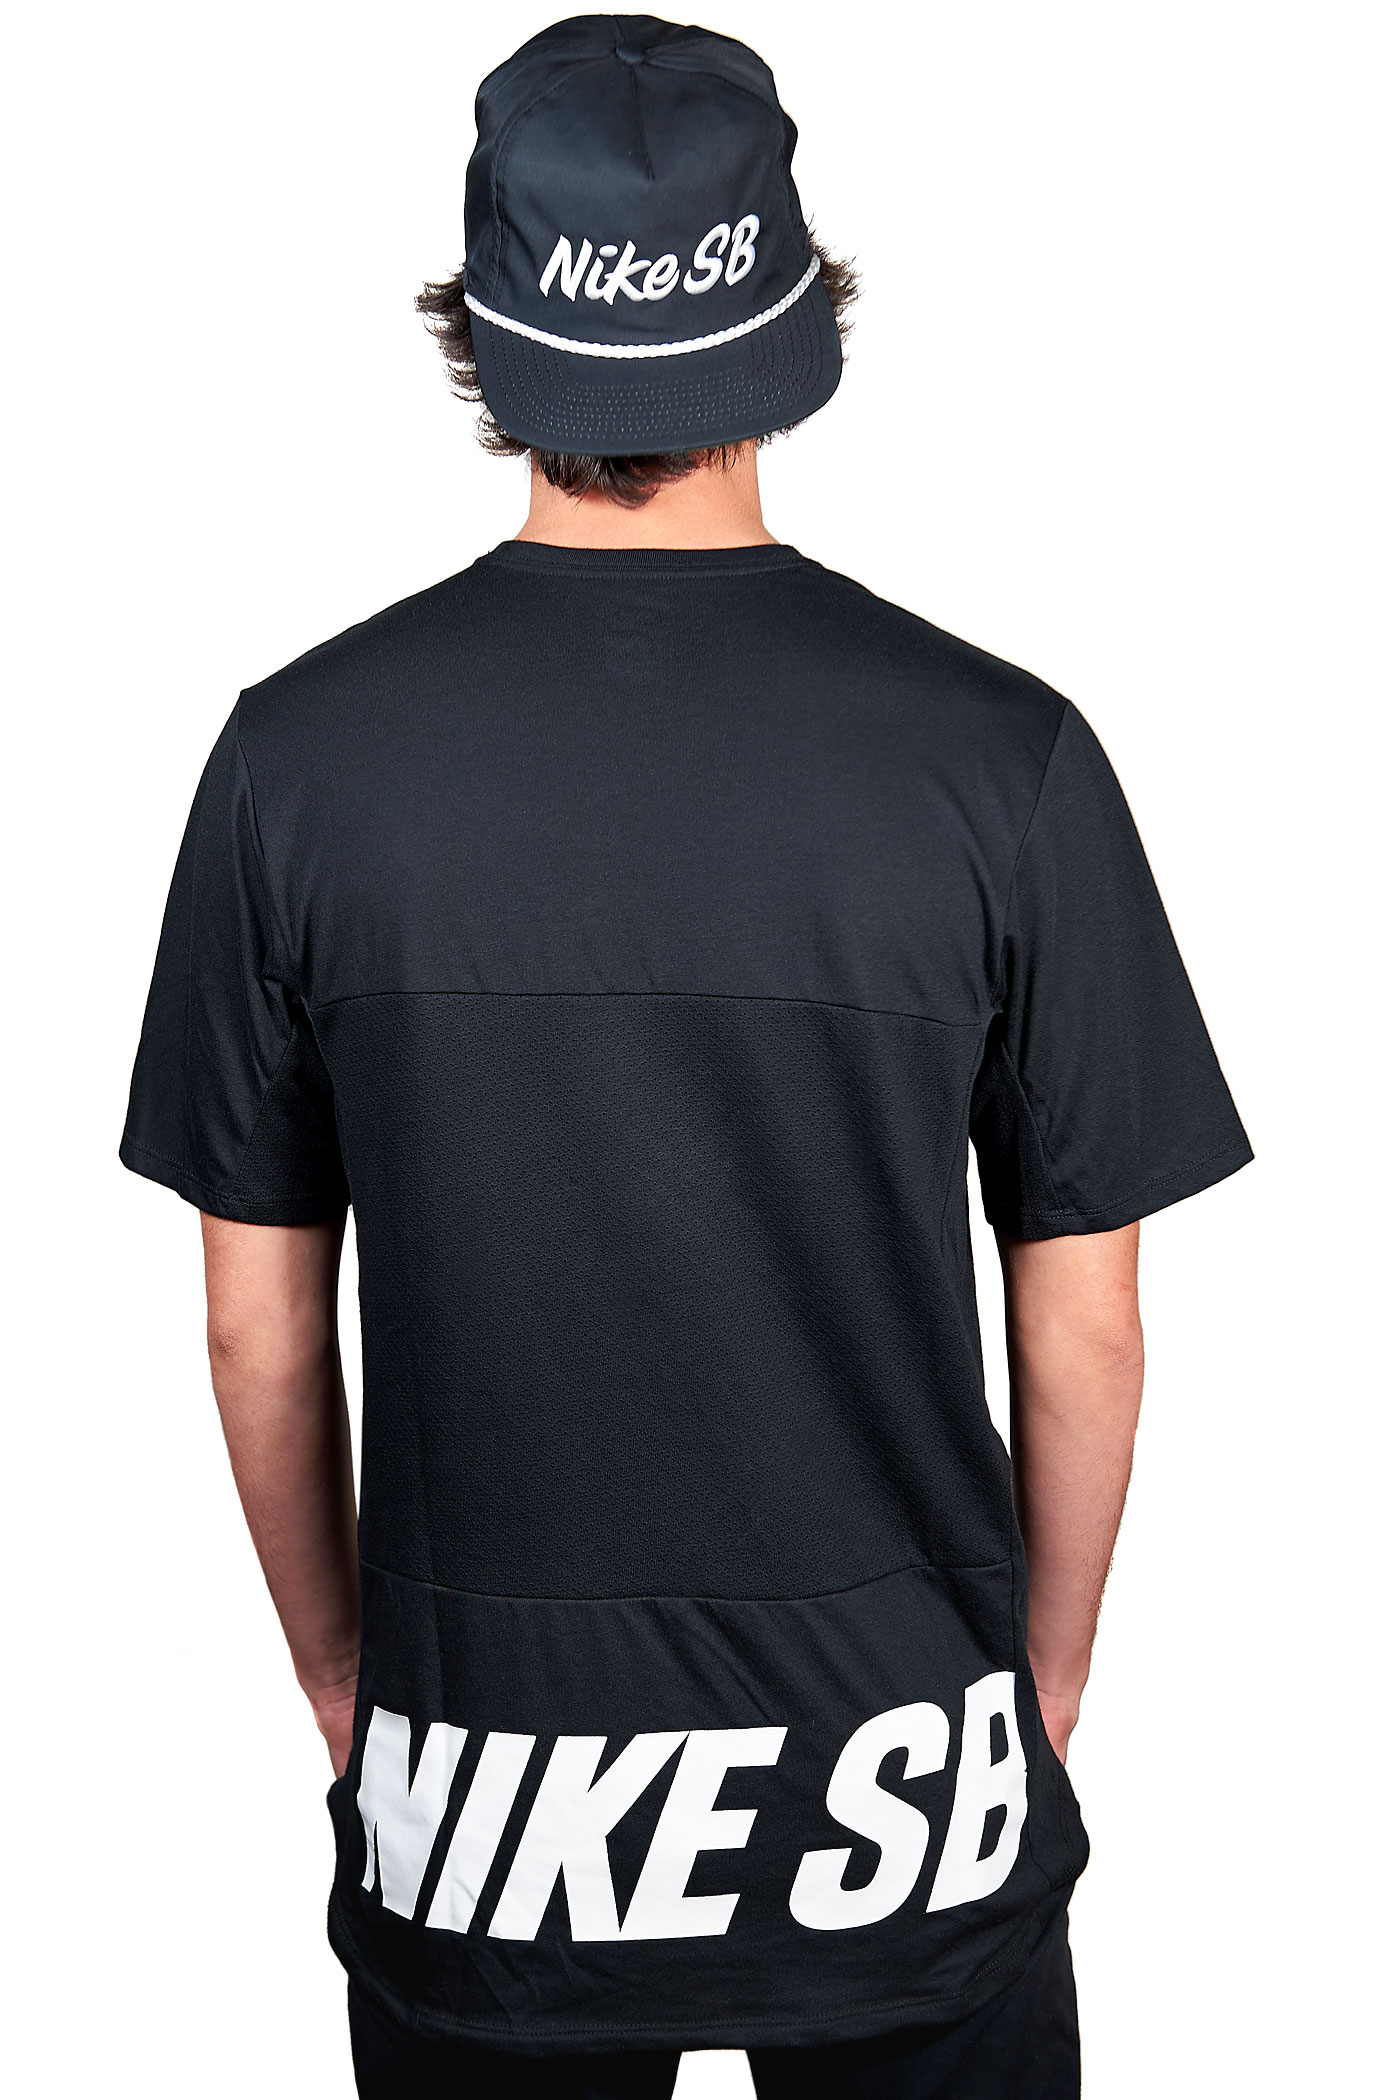 Nike sb skyline dri fit graphic t shirt black white buy for Nike sb galaxy shirt